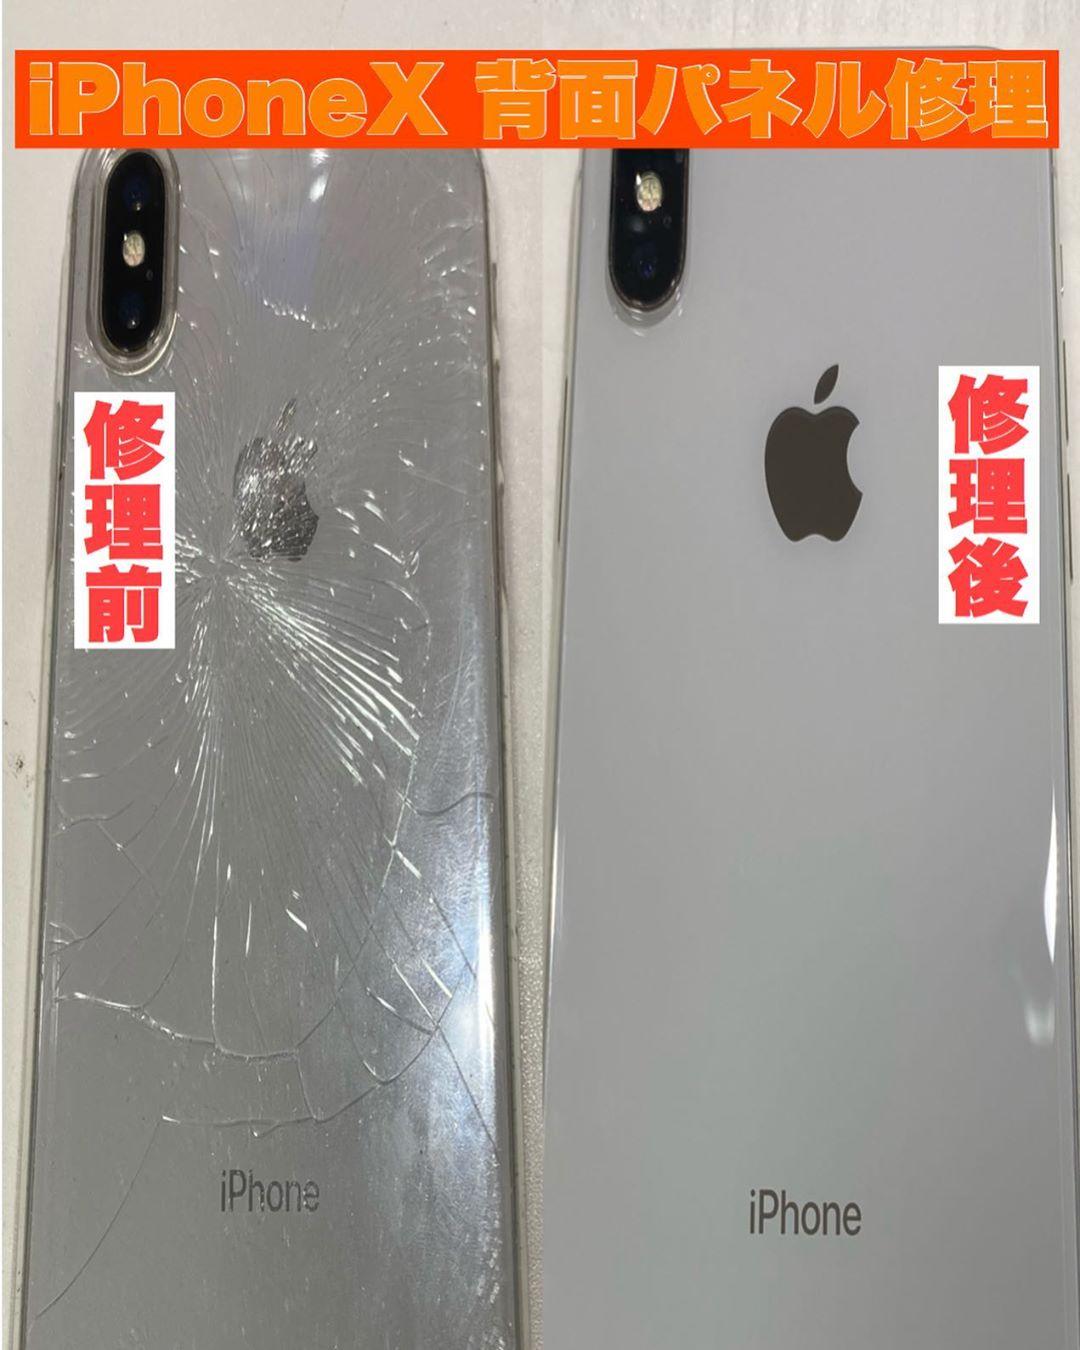 バックパネル修理 江南市 岐阜 iPhone修理